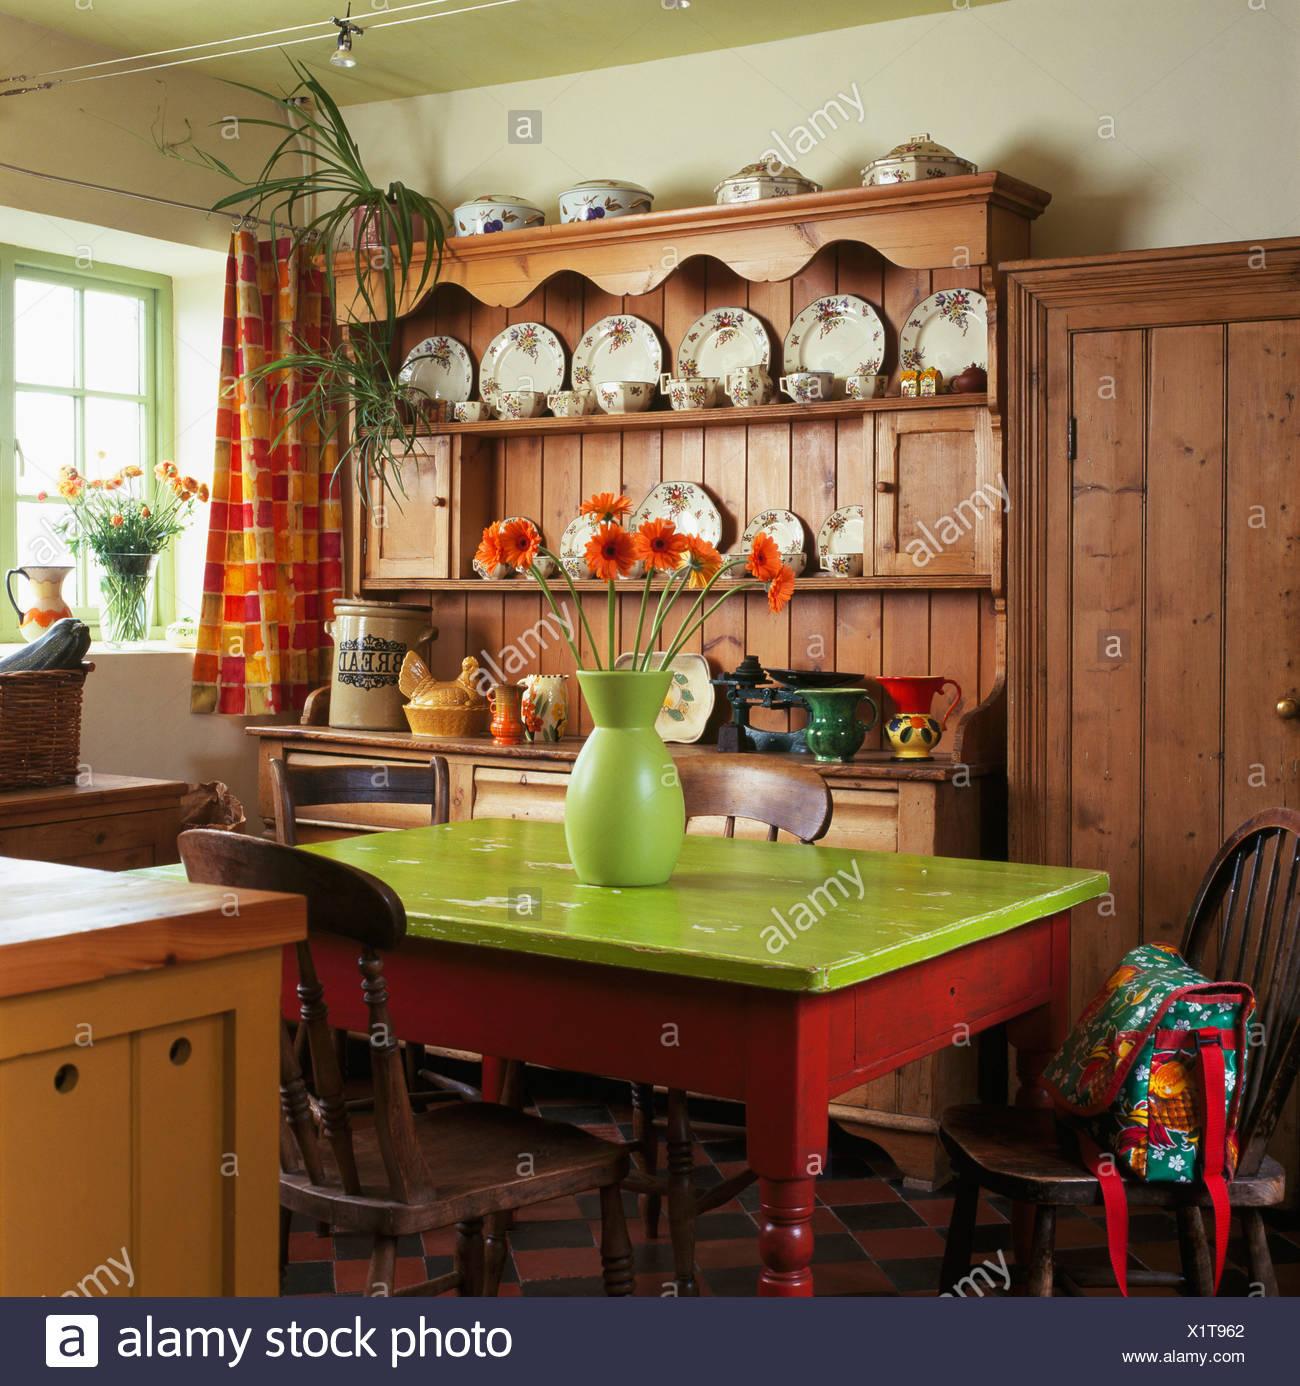 Asombroso Cocina Blanca Hunde Home Depot Modelo - Ideas de ...